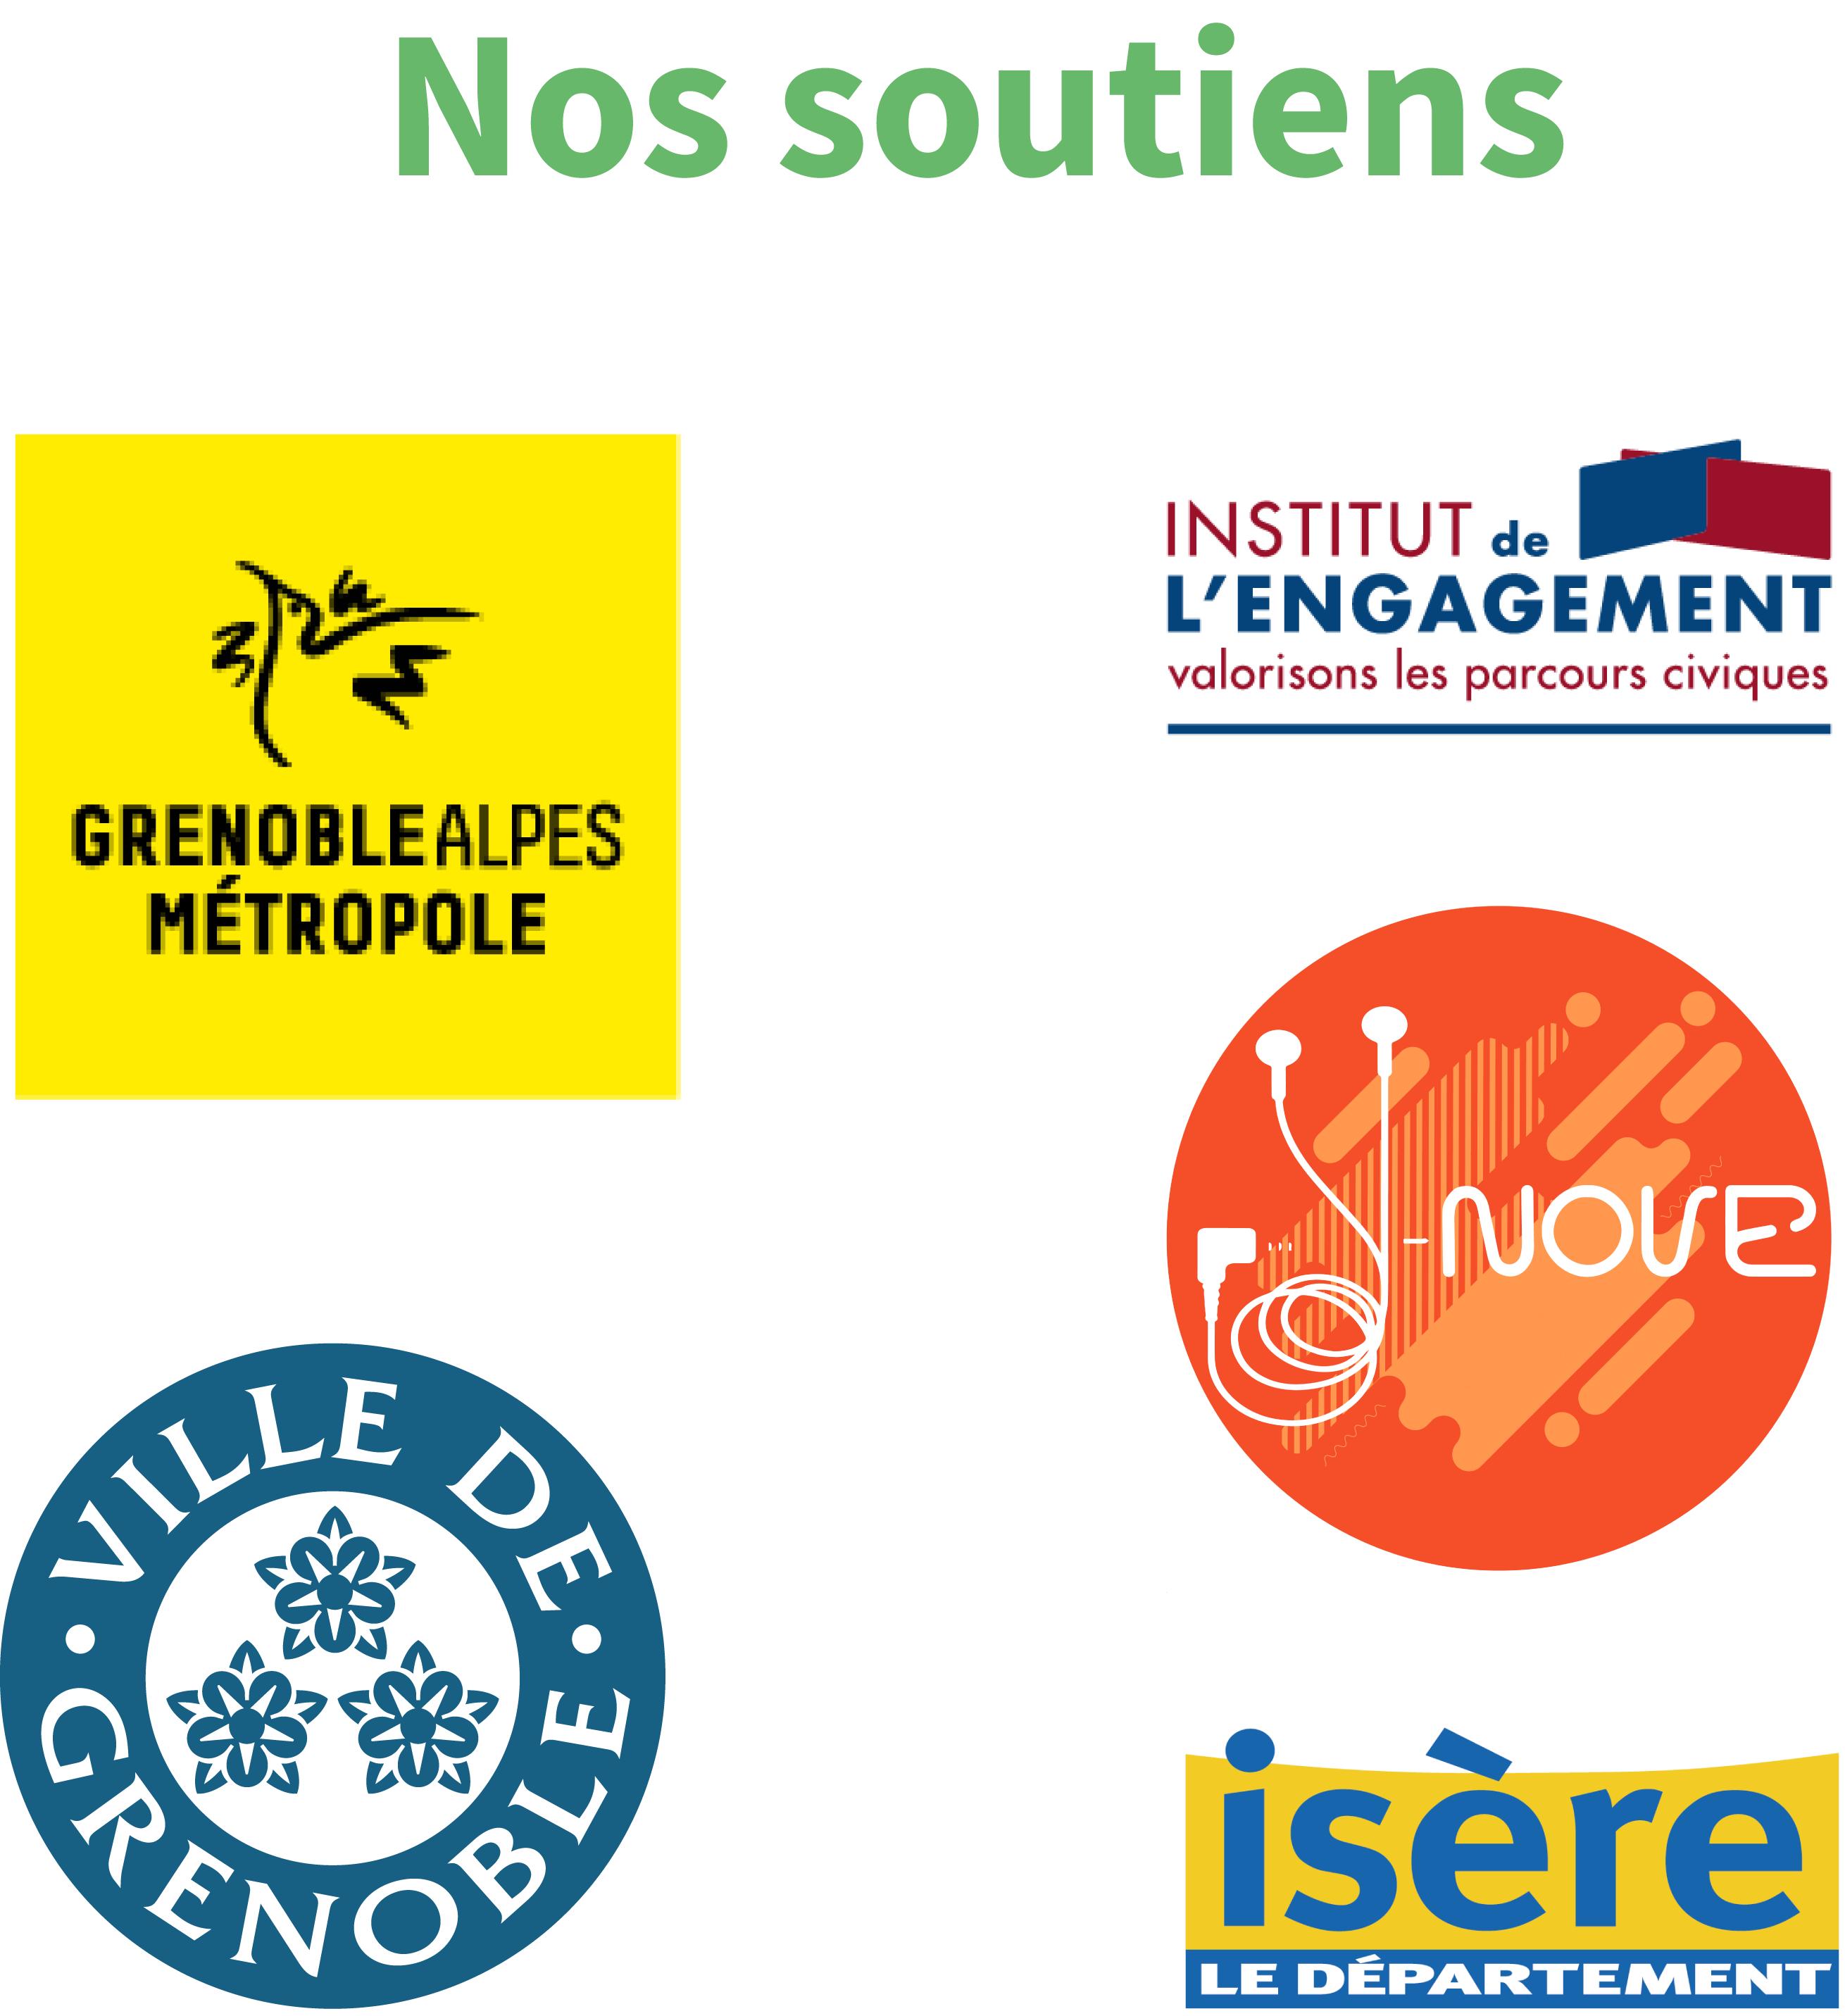 Logos partenaires Grenoble Alpes Métropole, Ville de Grenoble, Institut de l'engagement, Y-nove, Département de l'Isère